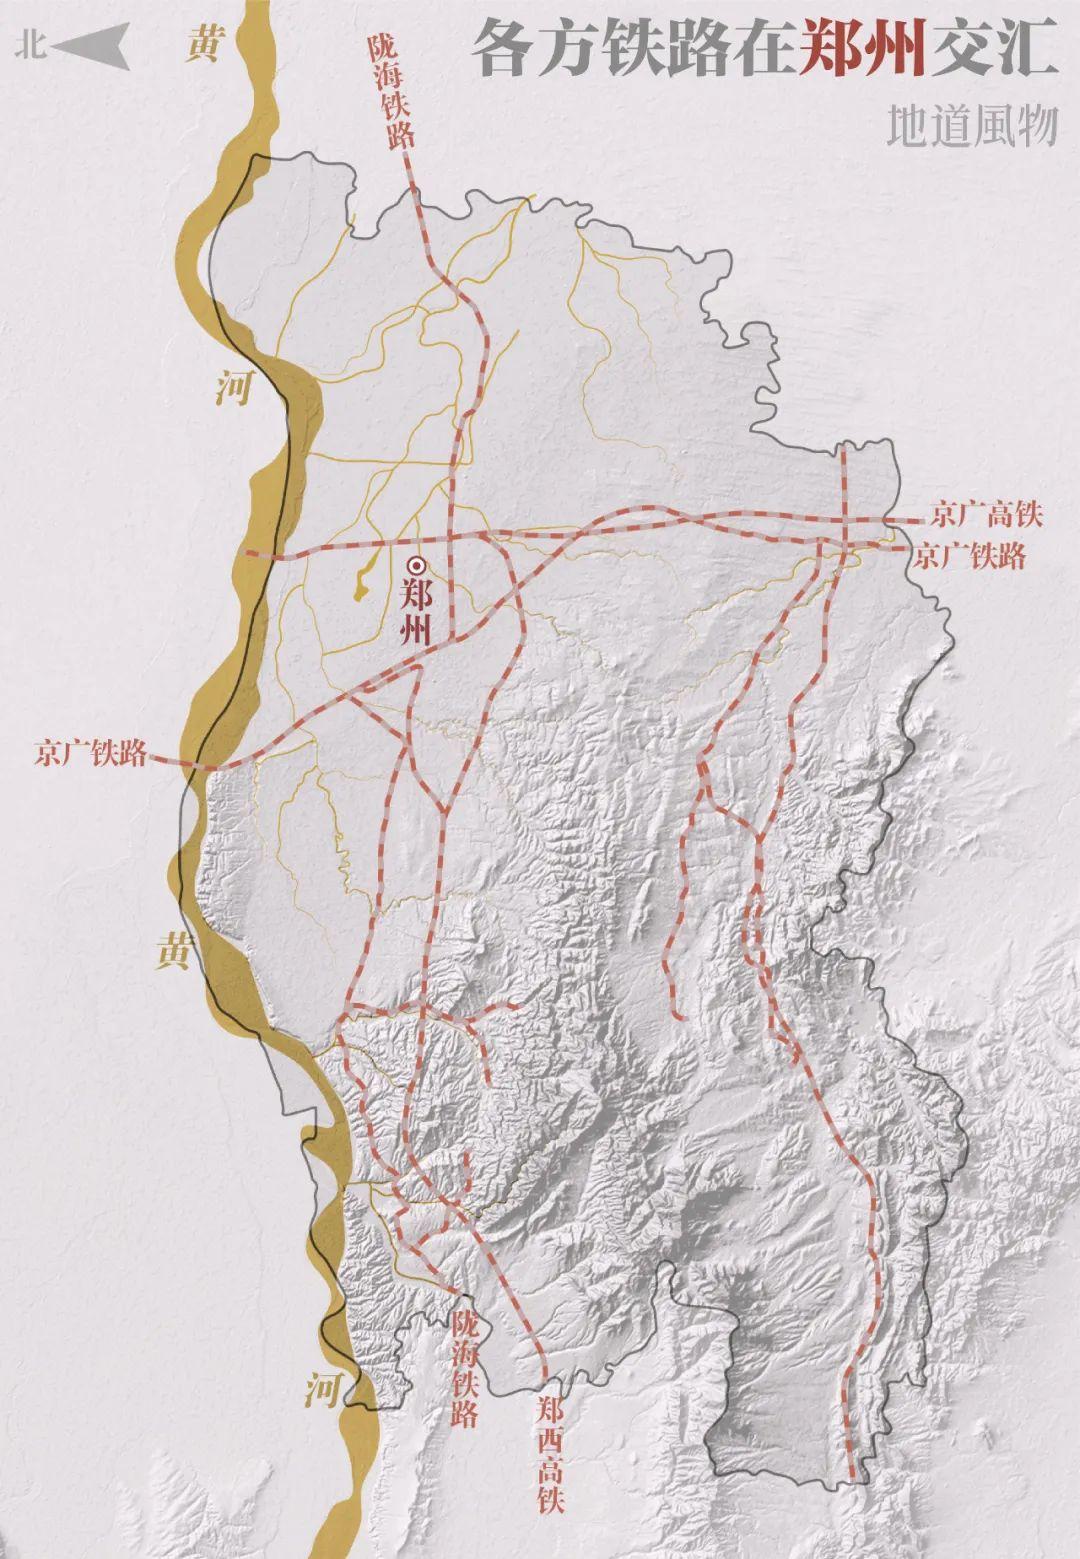 ▲ 各方铁路在郑州交汇。 制图/F50BB